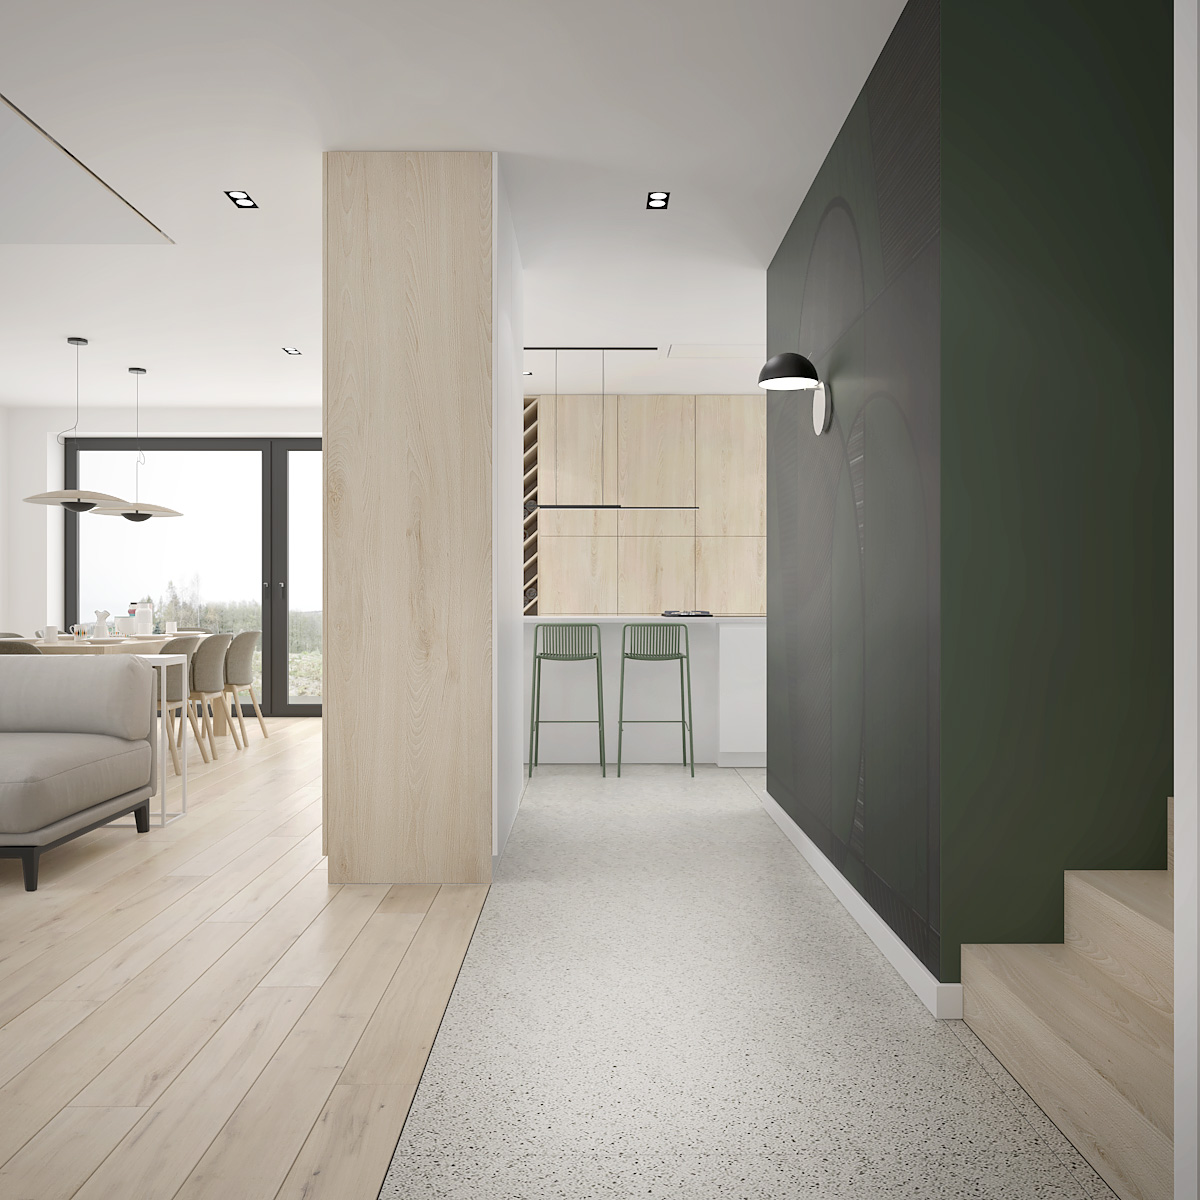 10 projekt wnetrza D552 dom krakow korytarz z zielona tapeta